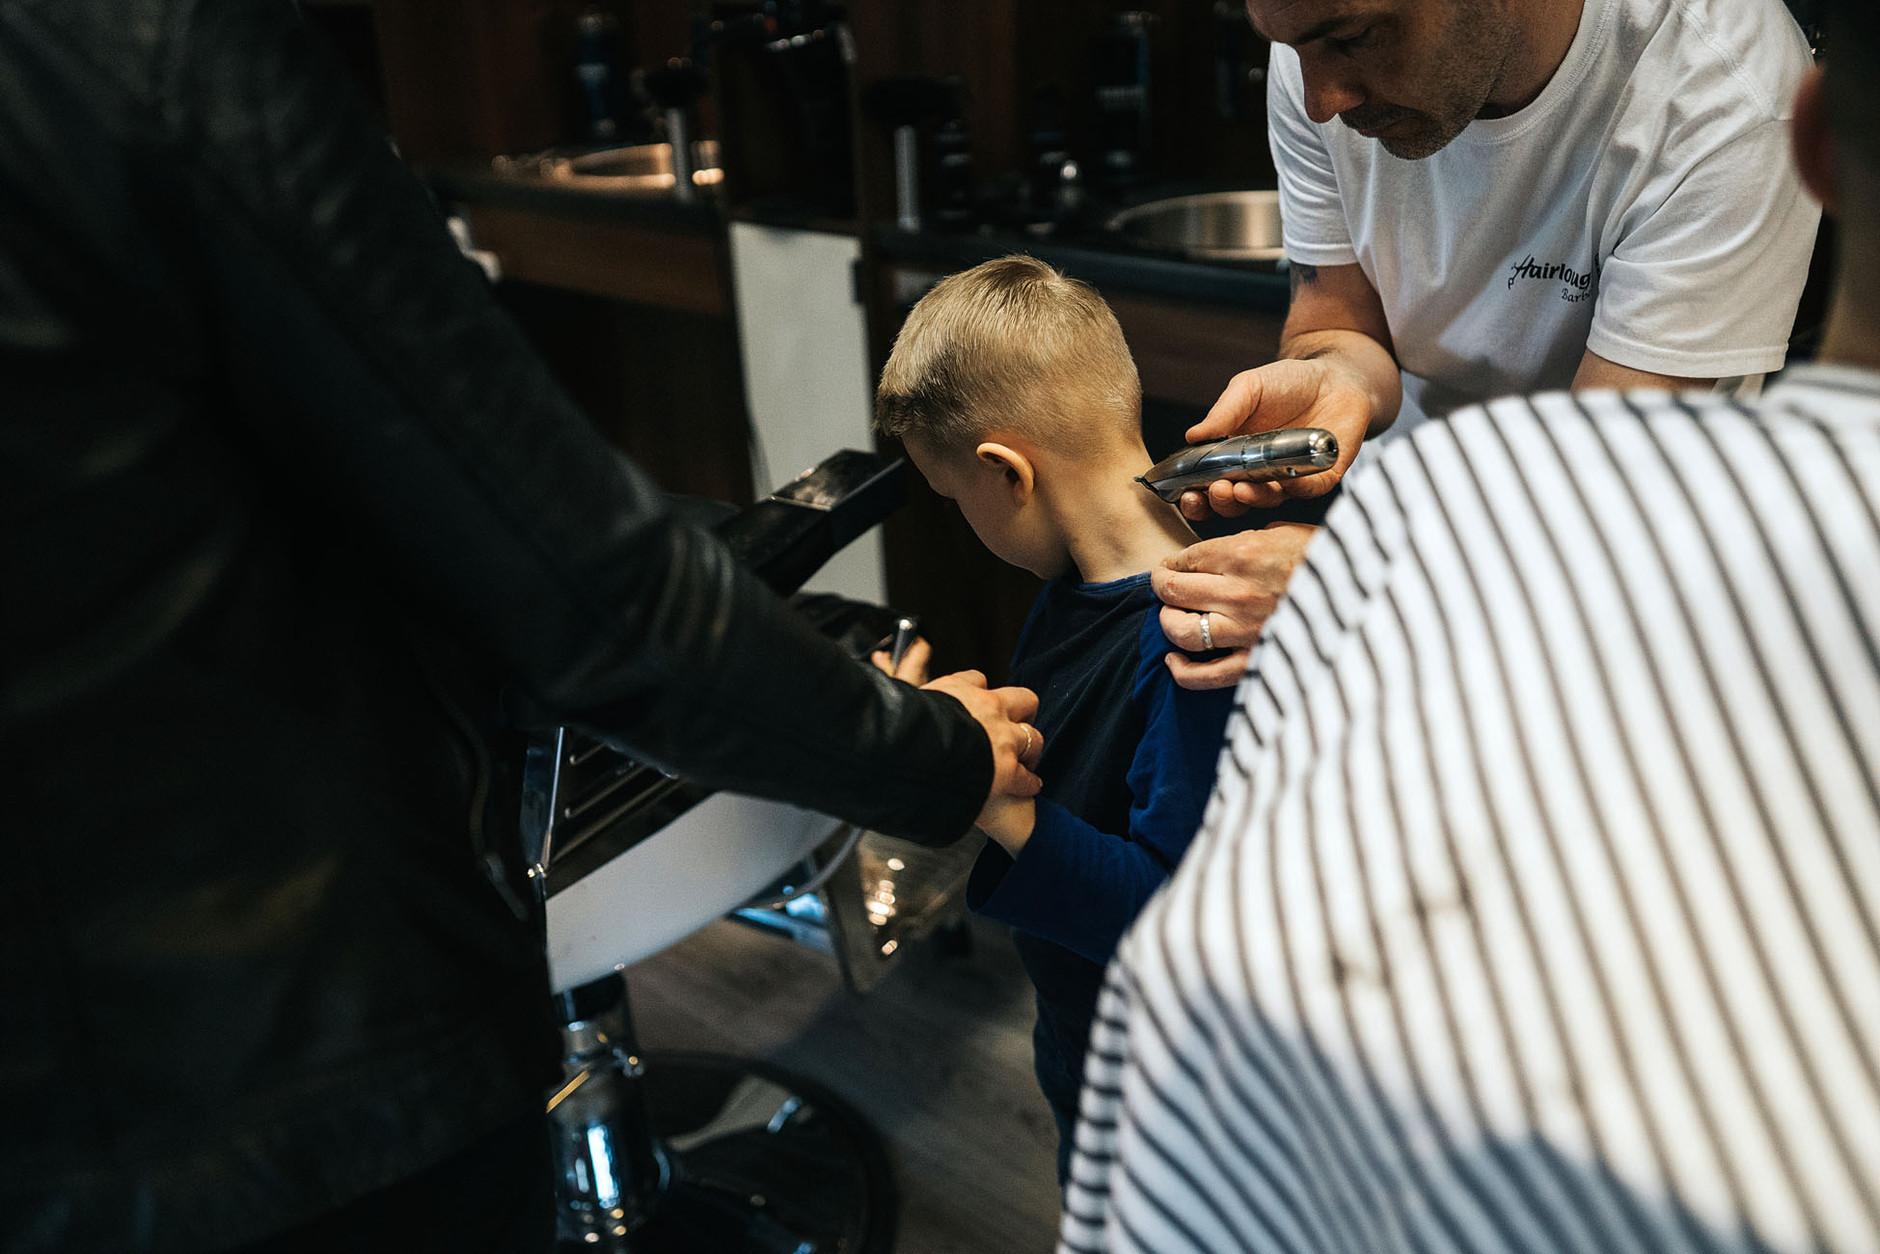 dublin-documentary-family-photography-finn-haircut-0036.jpg